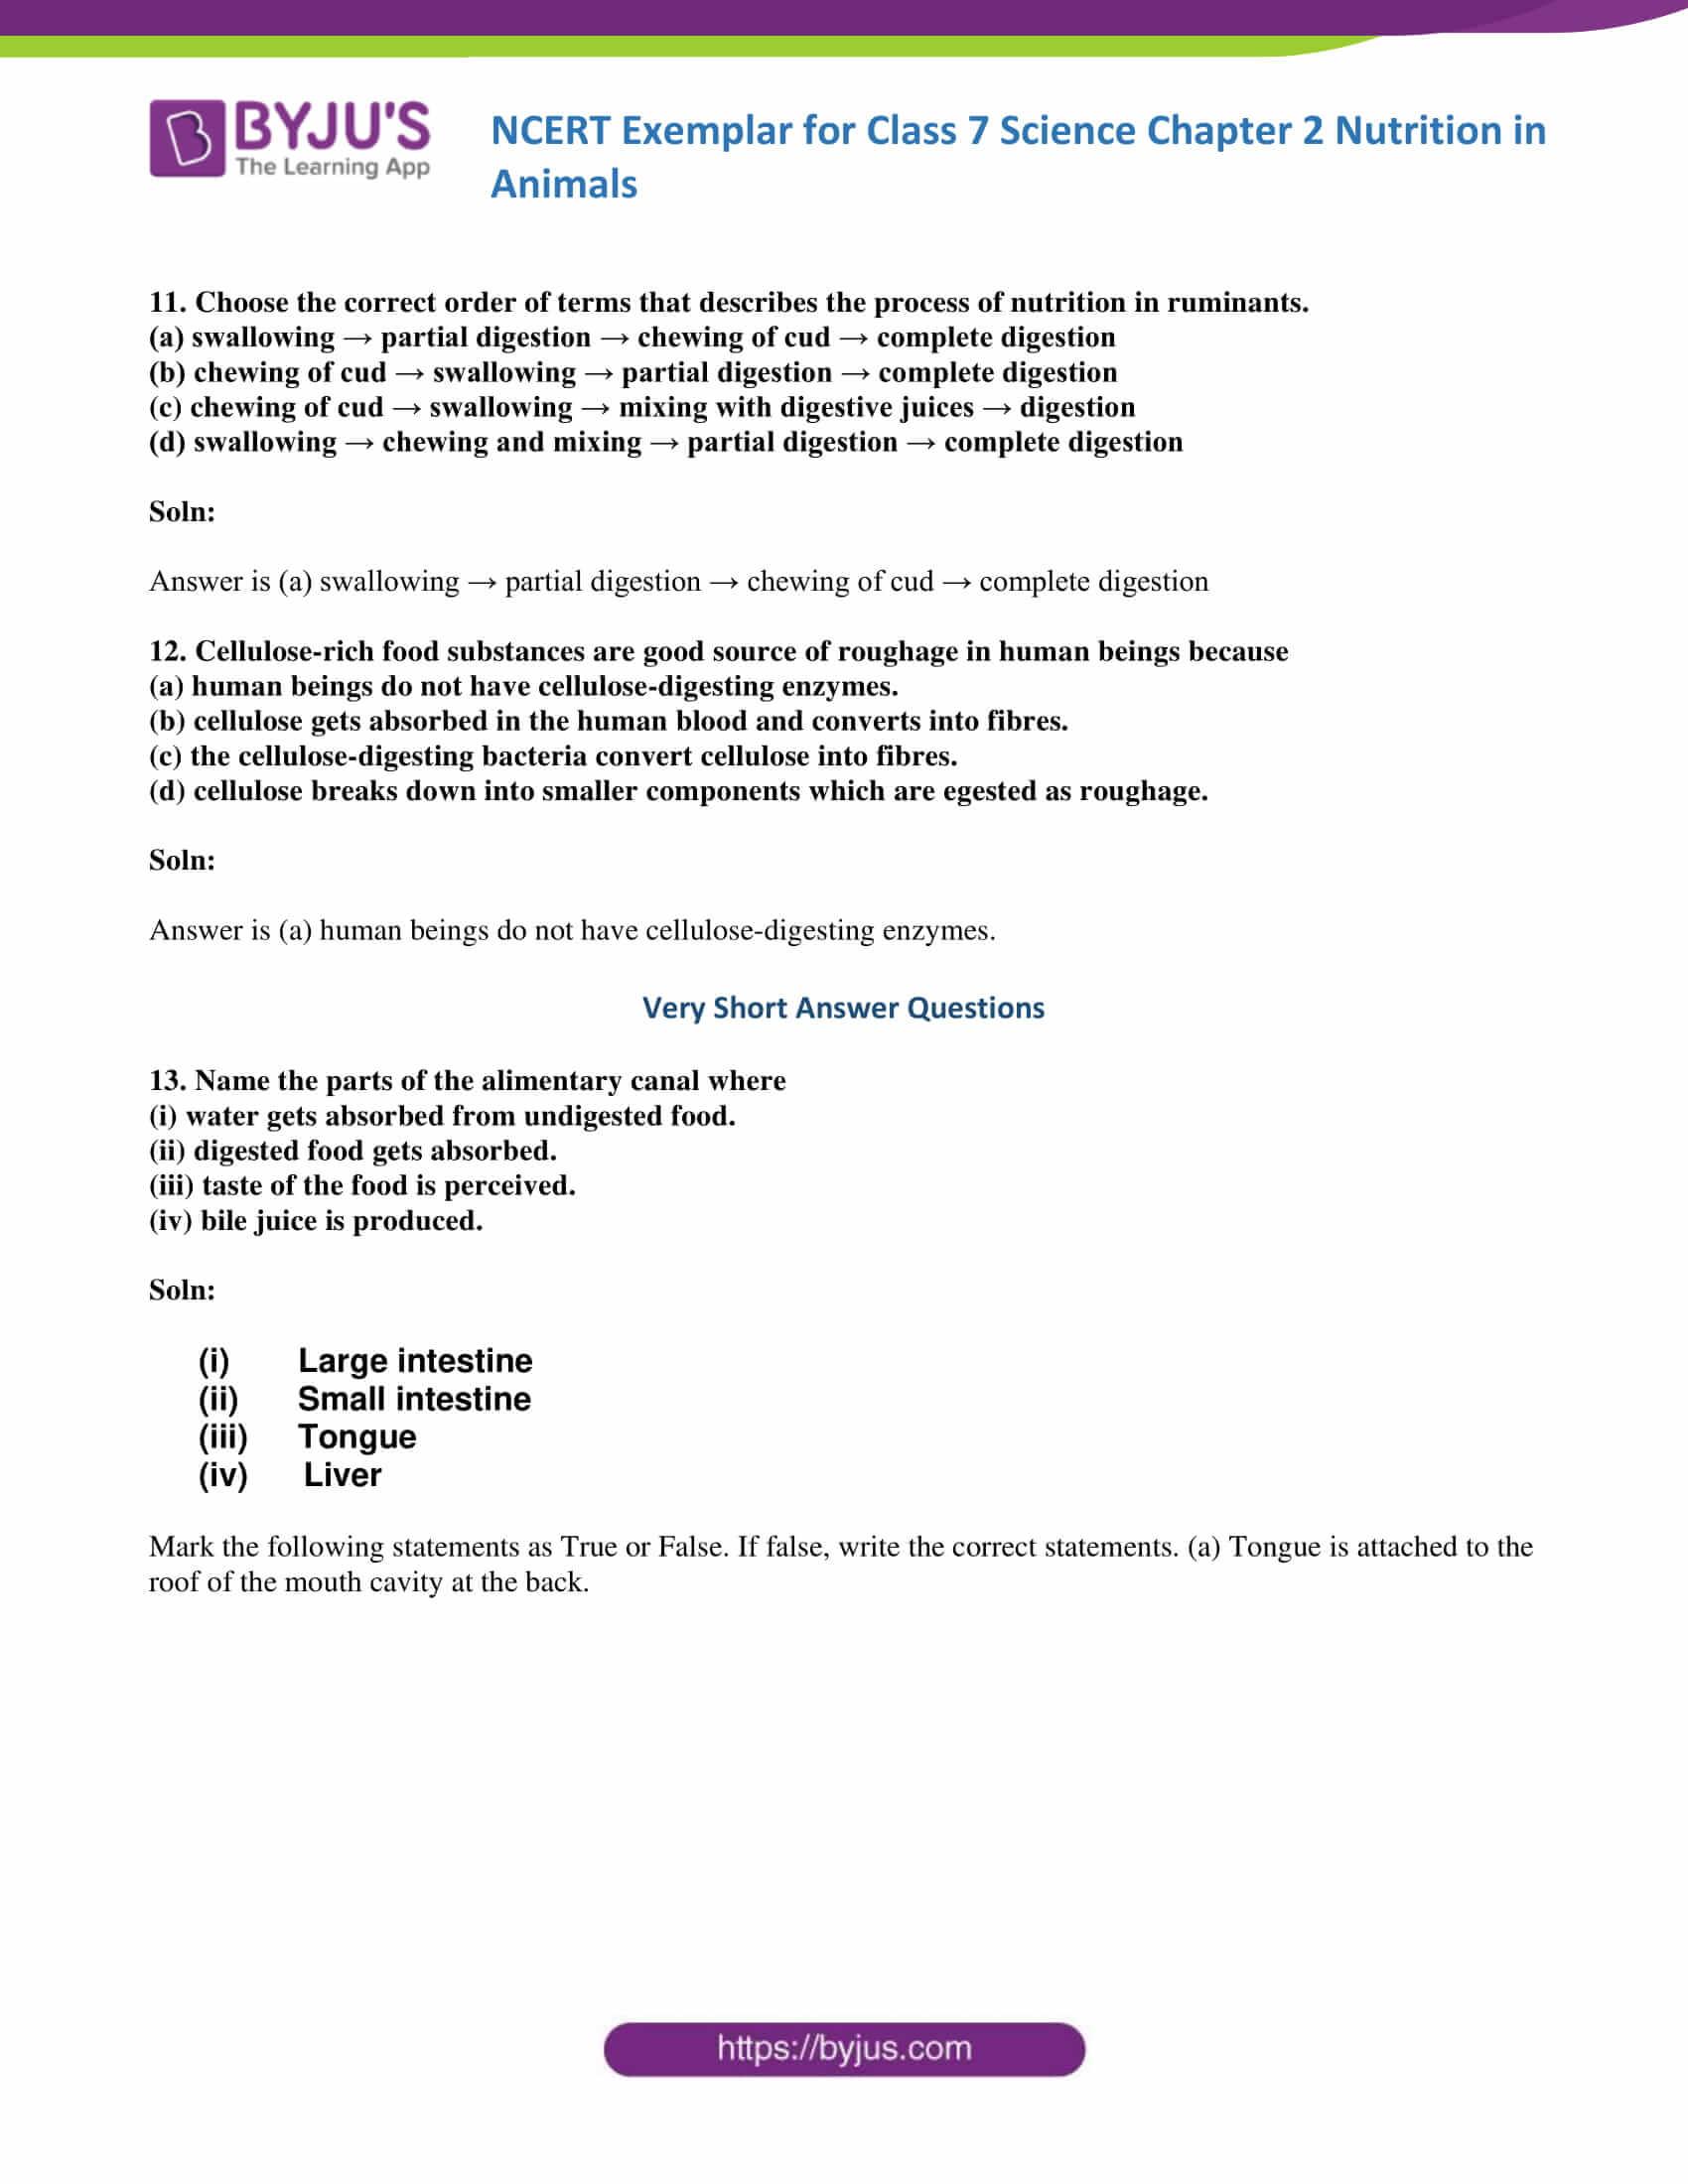 NCERT Exemplar solution class 7 science Chapter 2 05